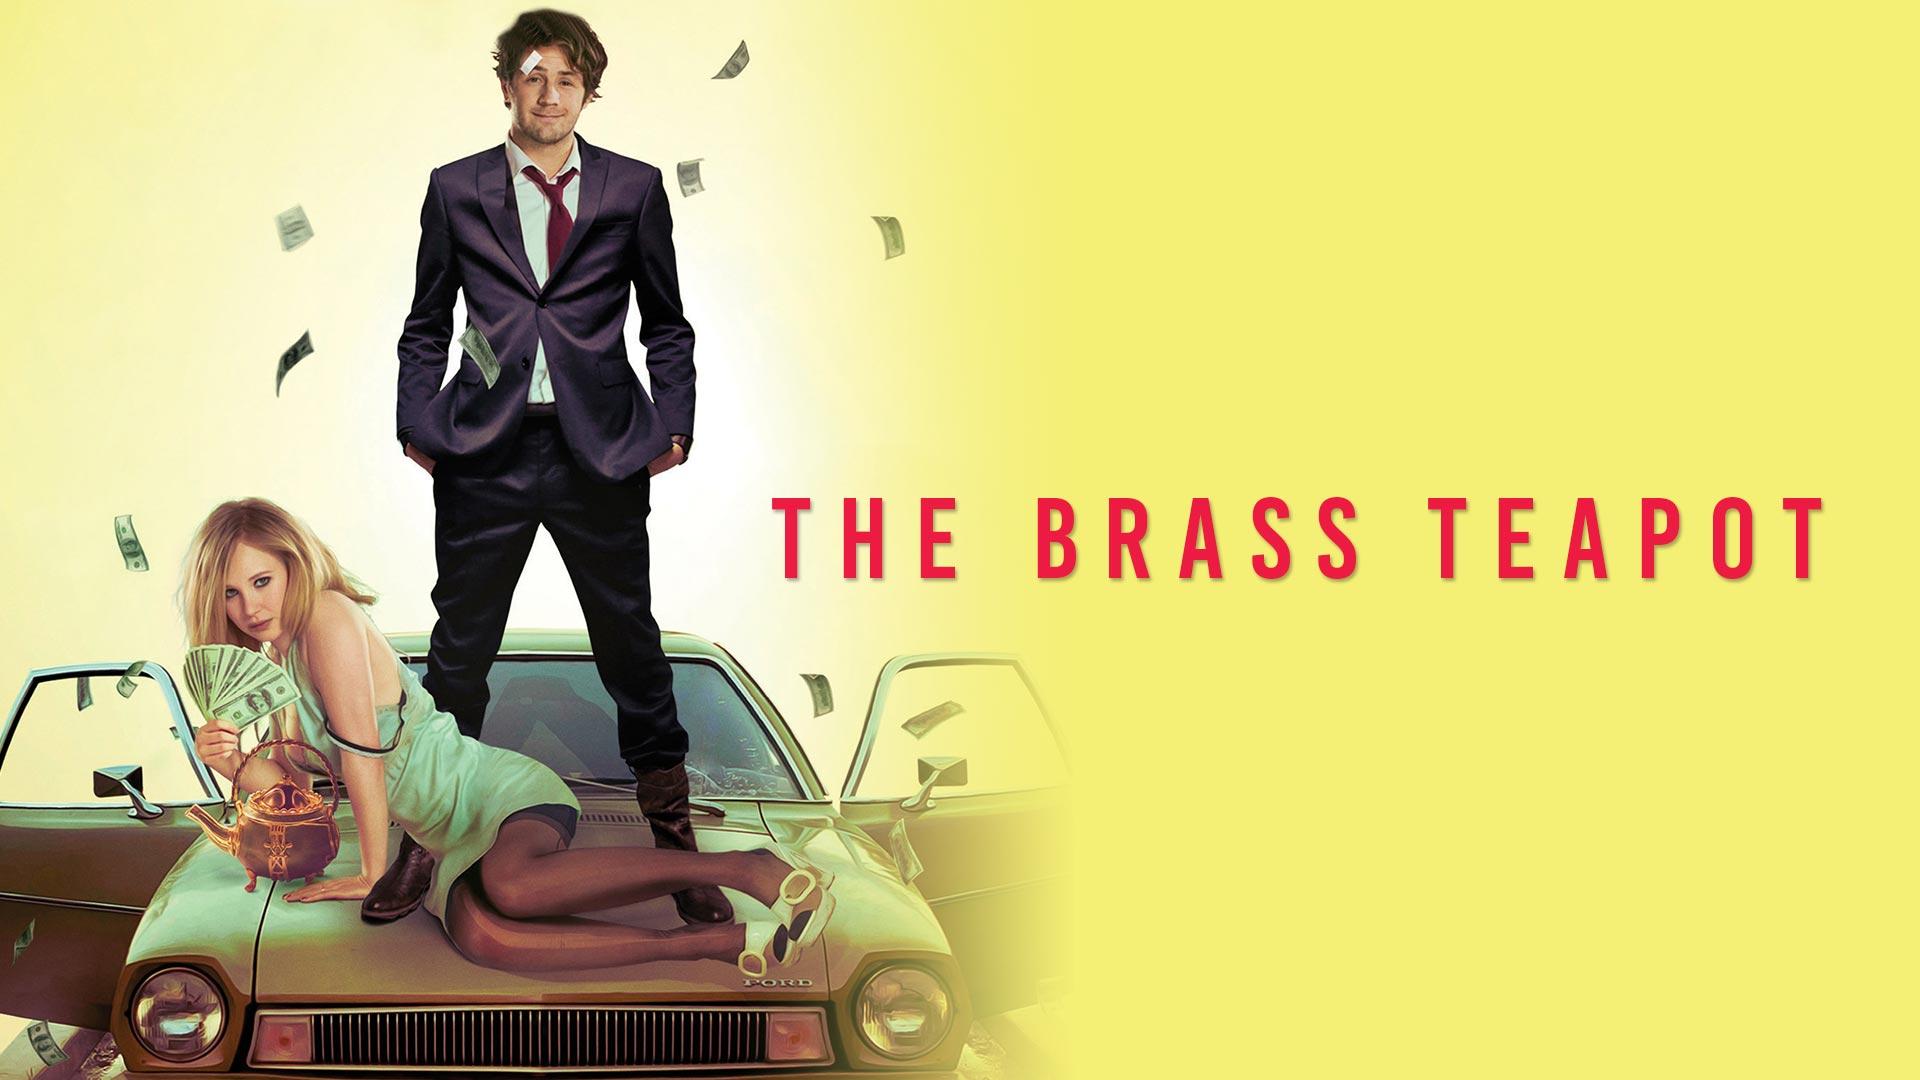 The Brass Teapot